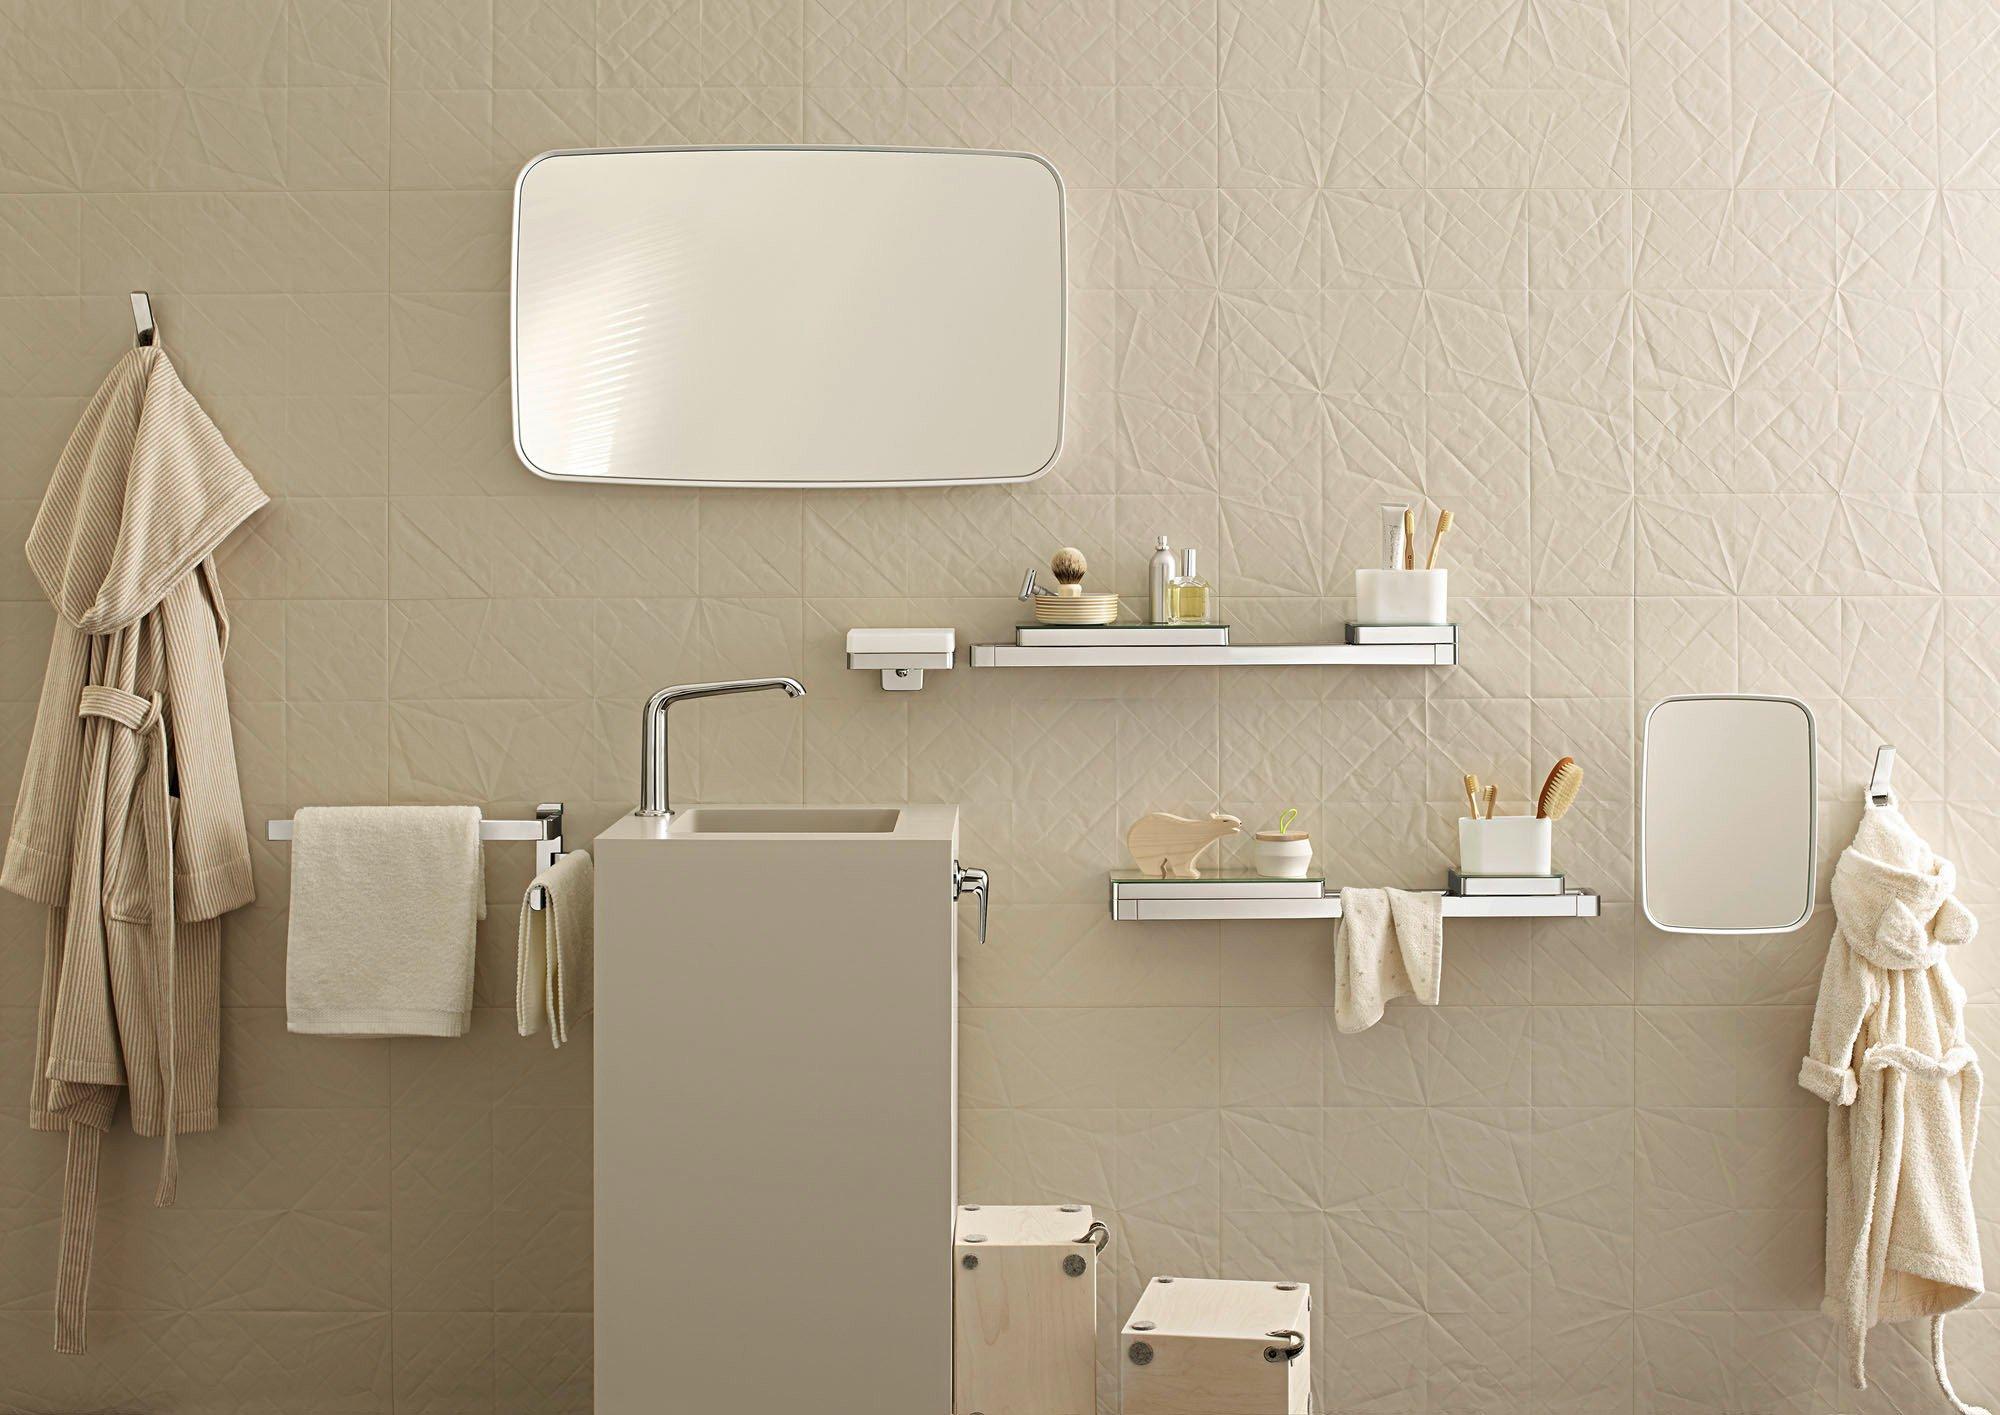 Modulares Zubehör für Küche und Bad | Bad und Sanitär | News ...